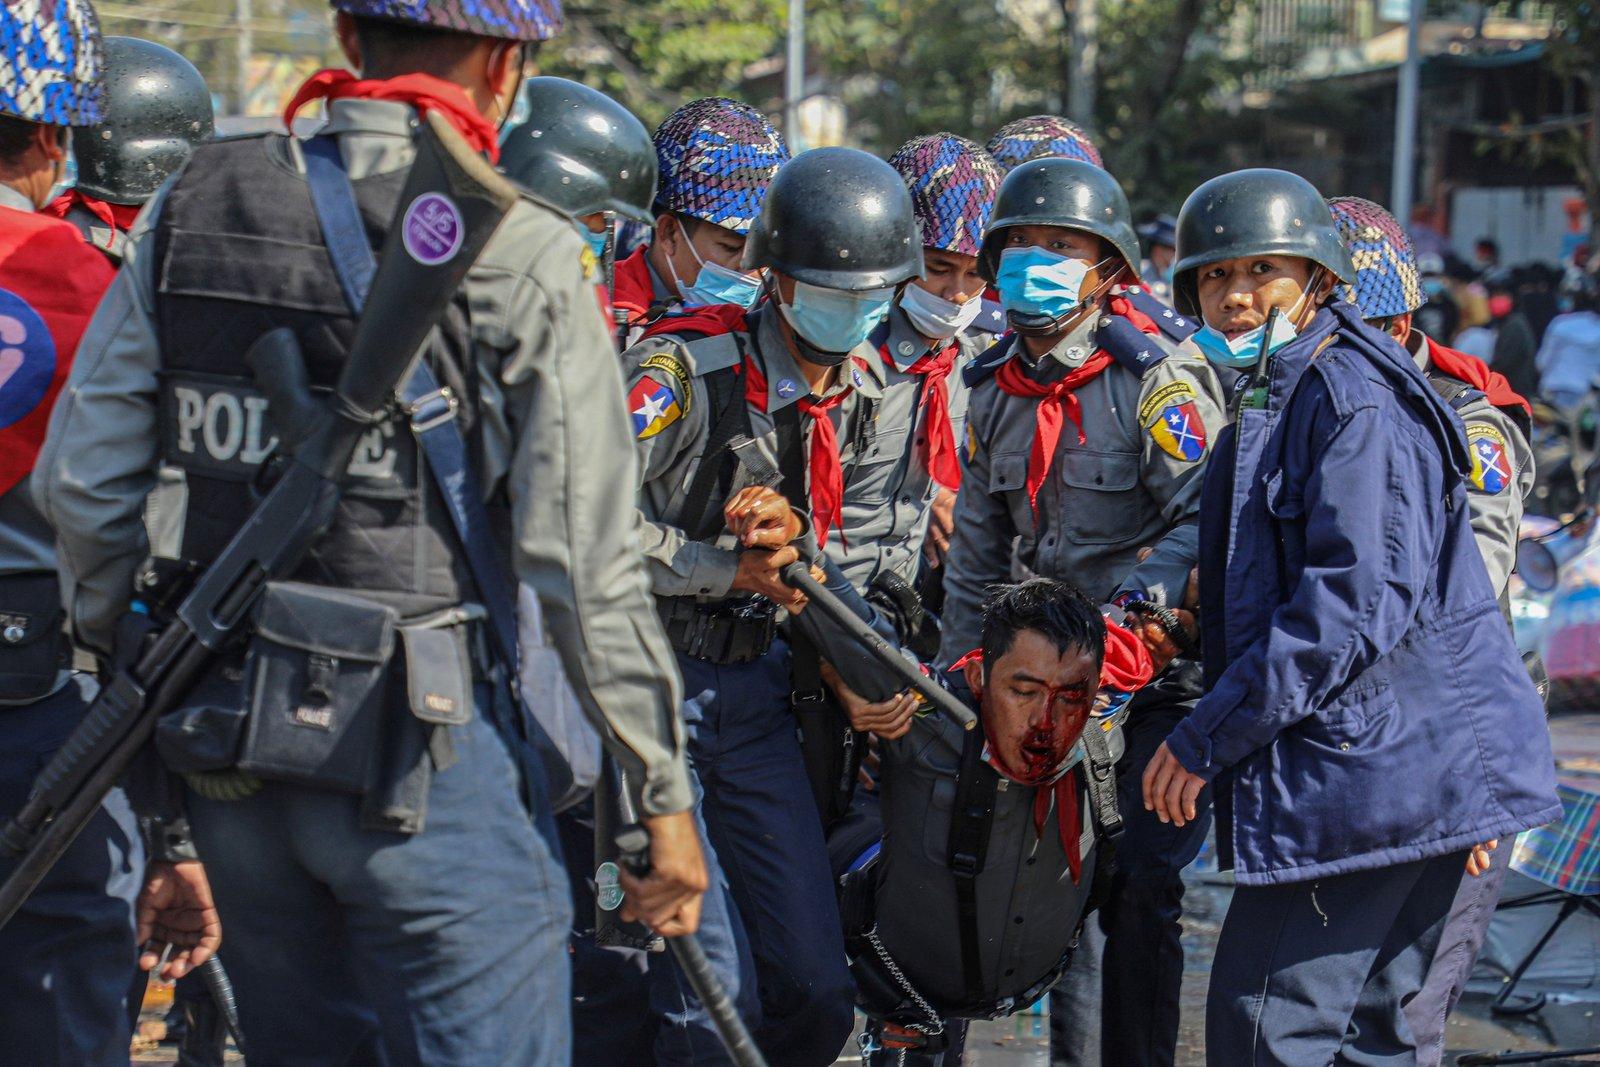 La ONU condena la violencia policial contra manifestantes en Birmania